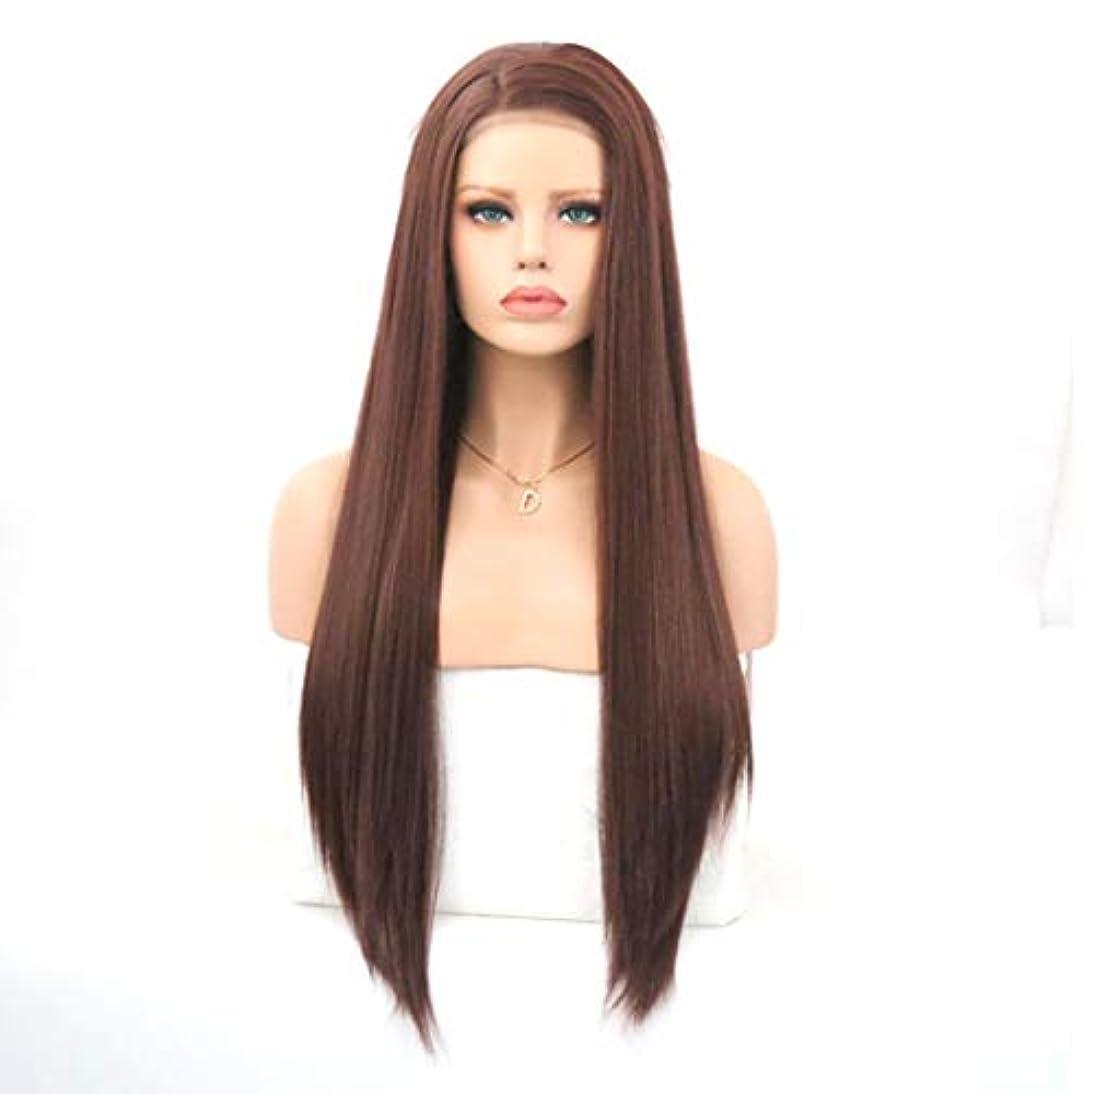 防止夕暮れ明快Kerwinner 茶色のフロントレース化学繊維かつらヘッドギア高温シルクロングストレートウィッグ女性用 (Size : 22 inches)